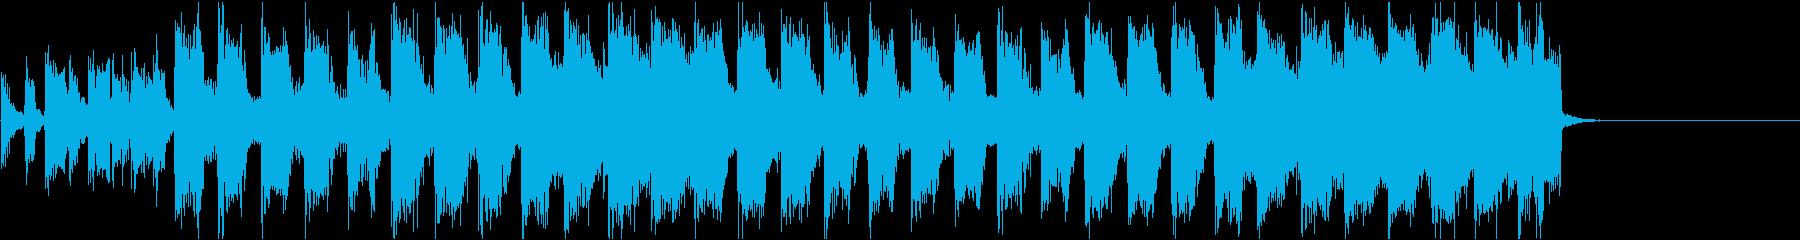 色気のあるキャラ アイキャッチの再生済みの波形